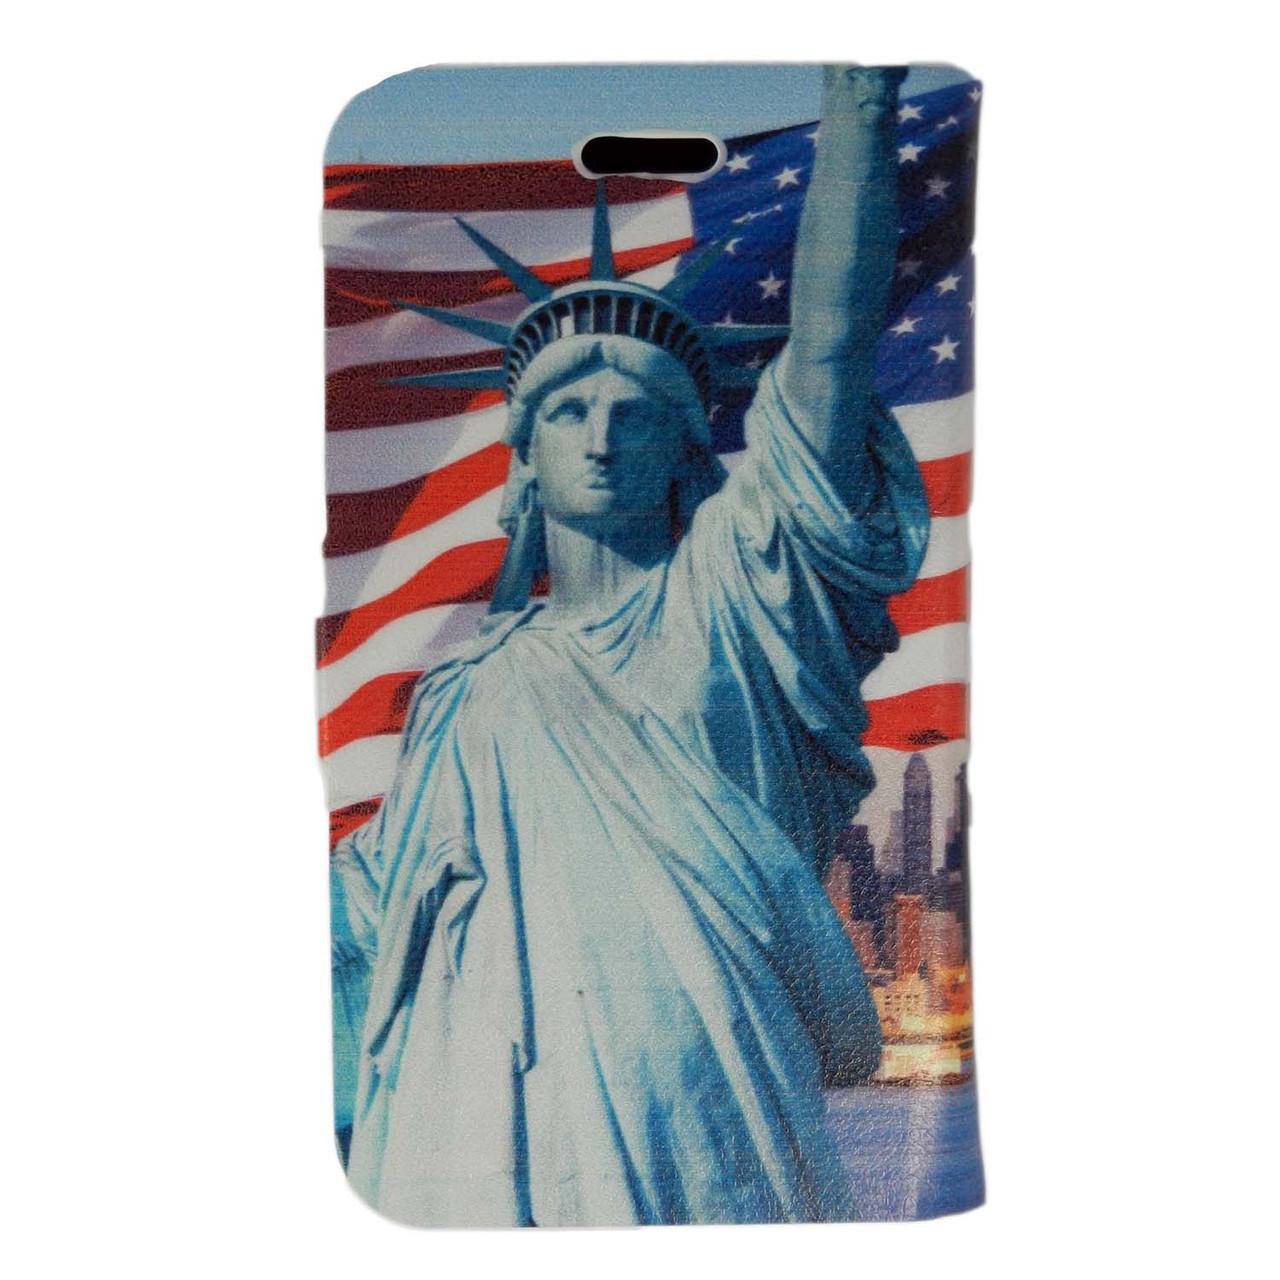 Чехол книжка для Samsung Galaxy S 3 III I9300 боковой Double Case, Эйфелева башня и Статуя Свободы